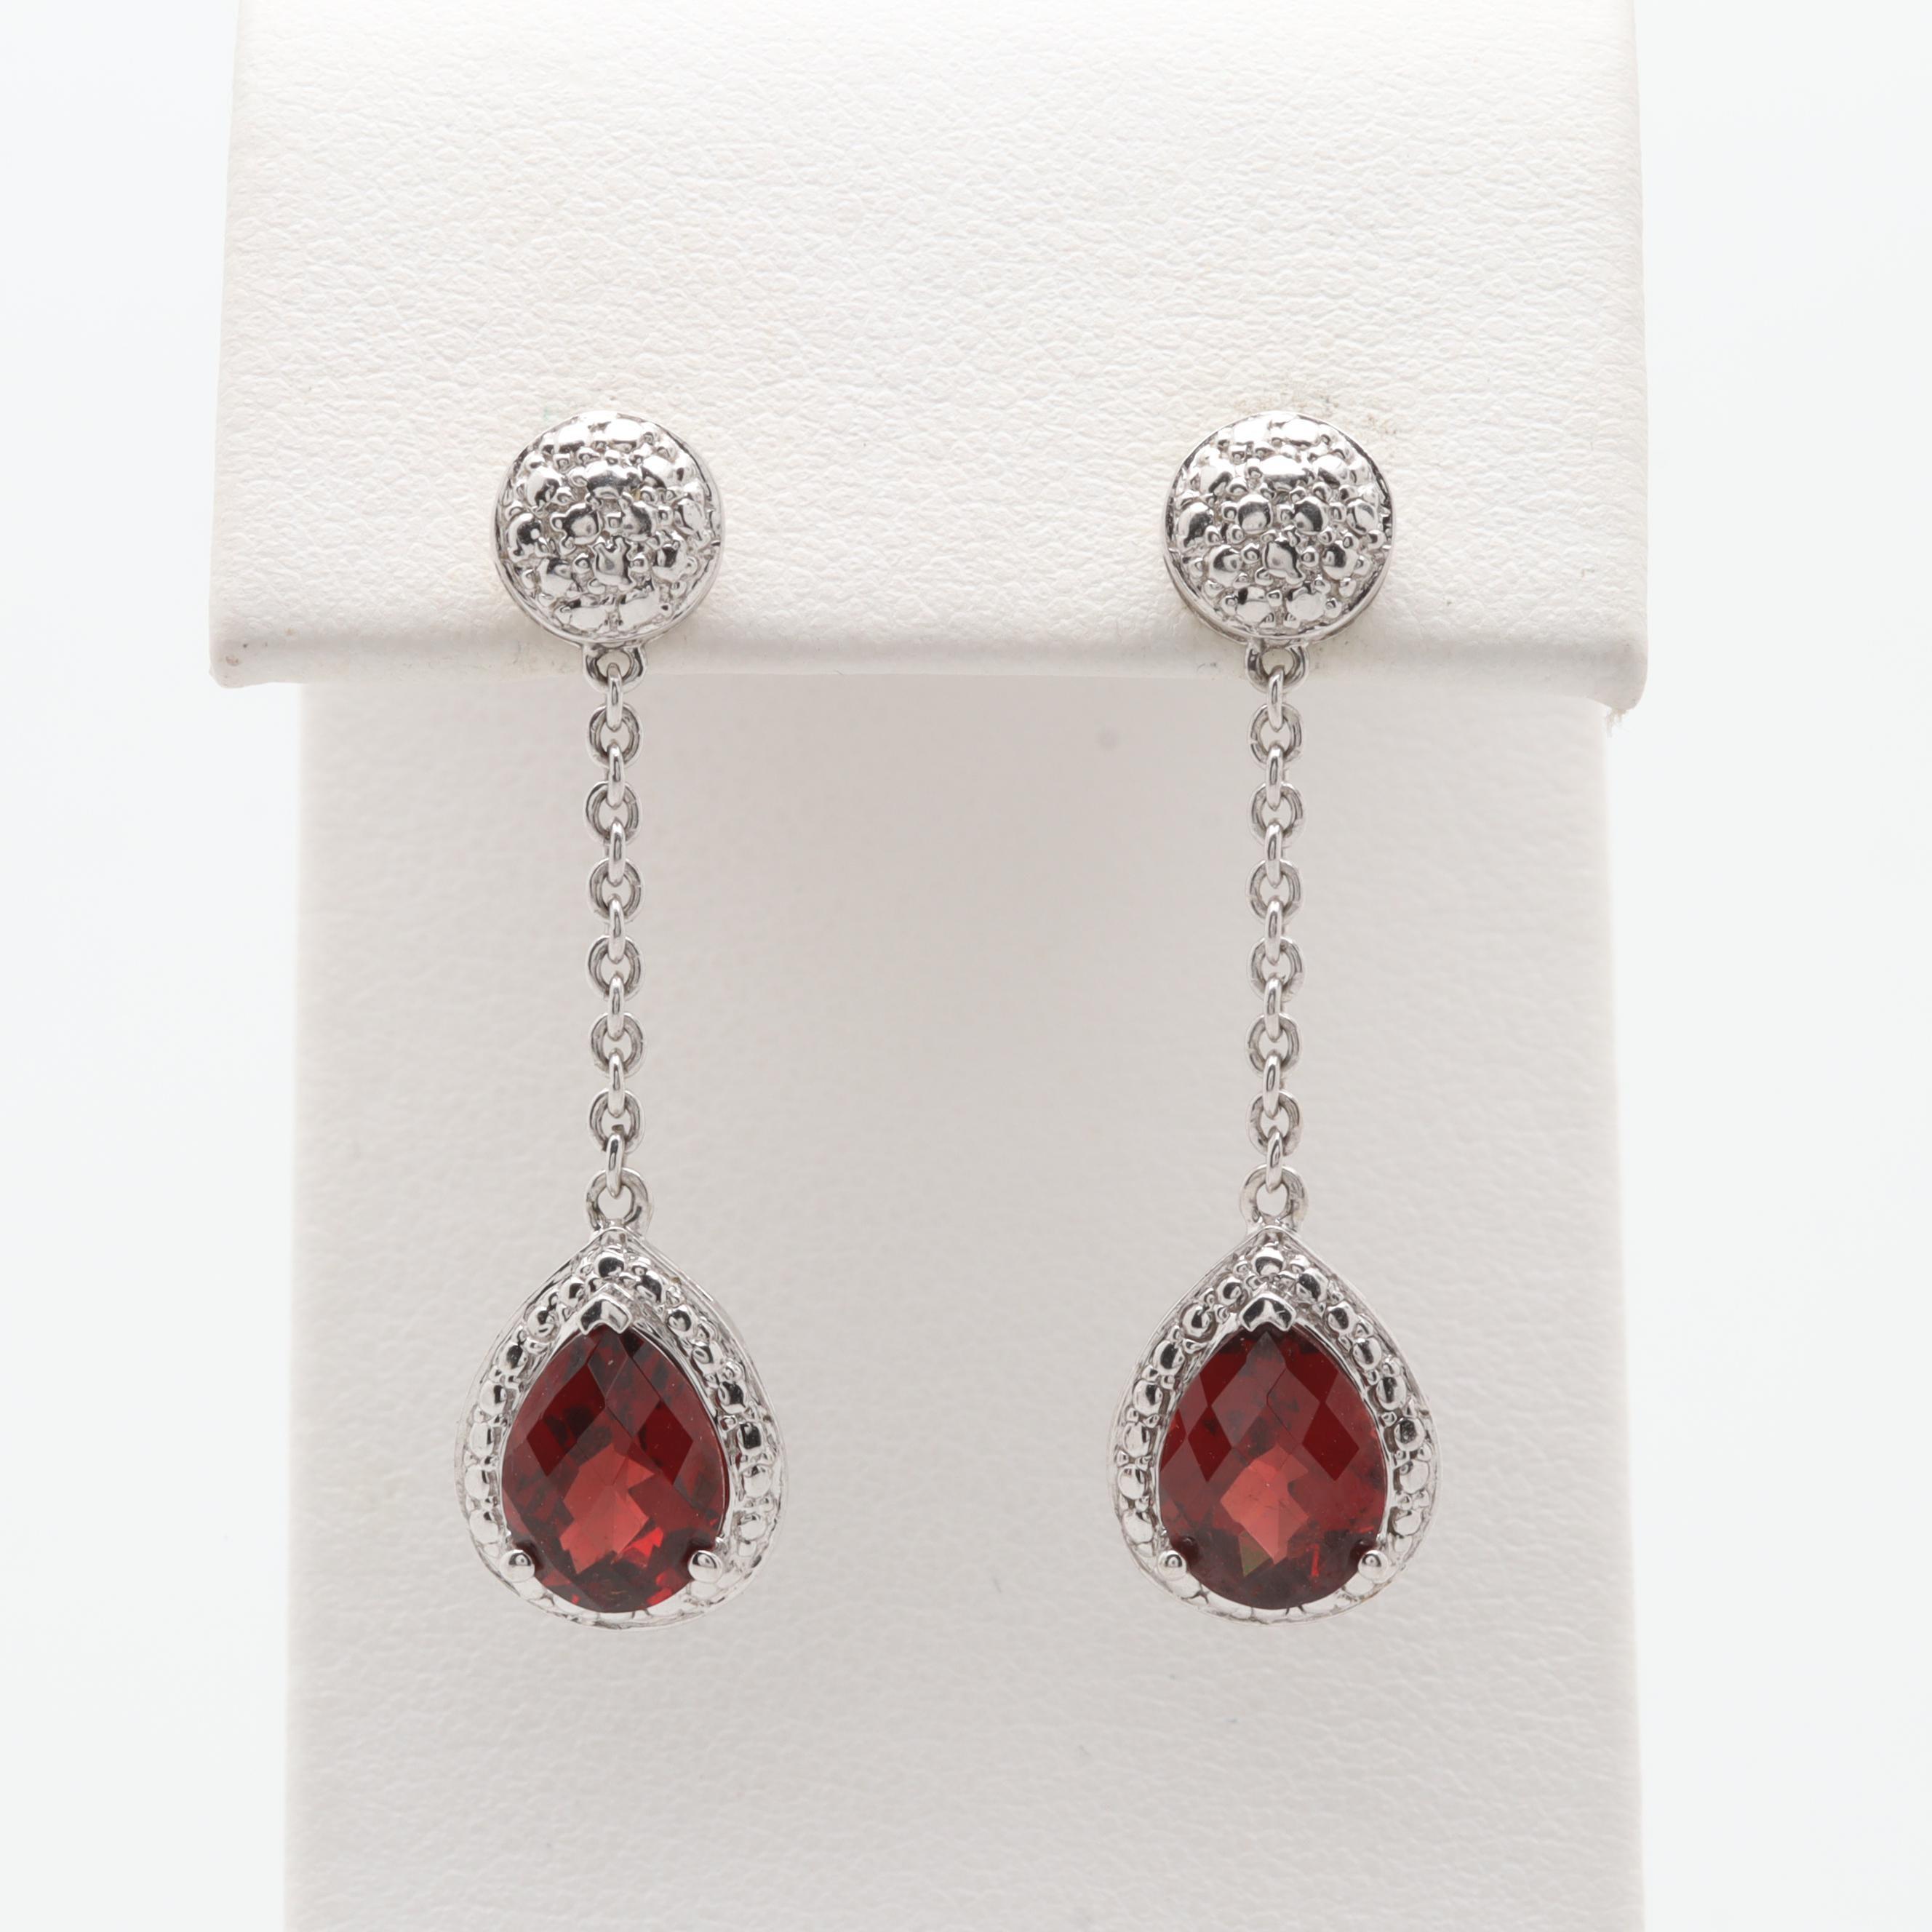 14K White Gold Garnet Dangle Earrings